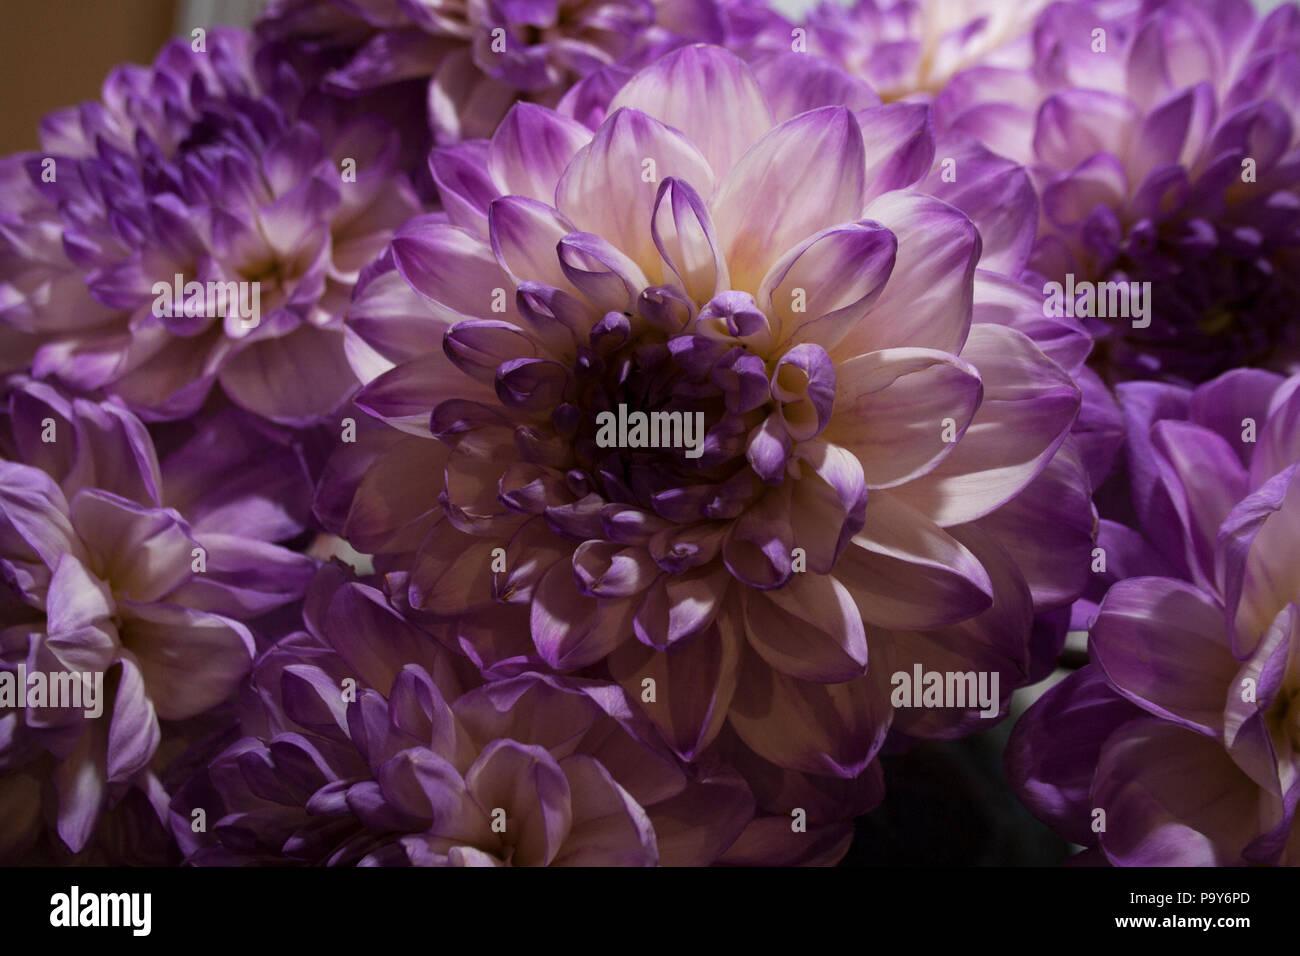 Macro Purple Dahlia Flowers Blossom Stock Photos Macro Purple